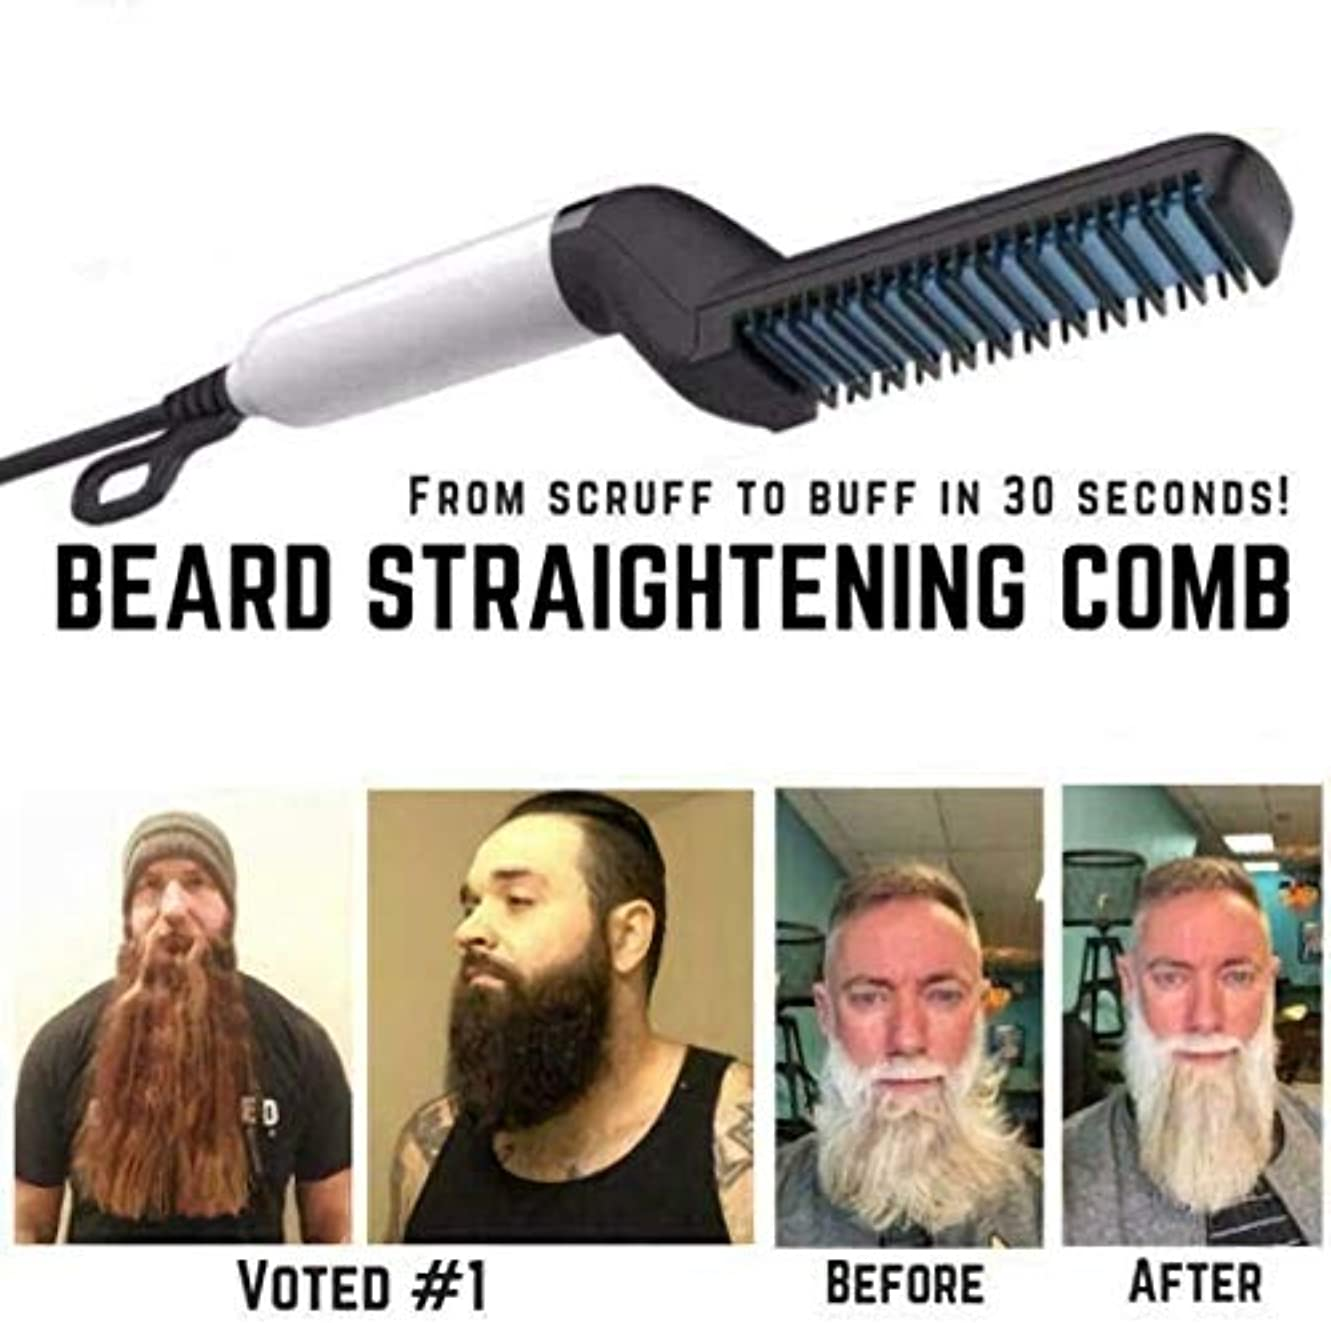 うまくやる()ユーモアコミットひげを矯正、ひげを矯正する髪、男性用クイックヘアスタイラー、ヘアサロンを矯正する髪をカールするカール